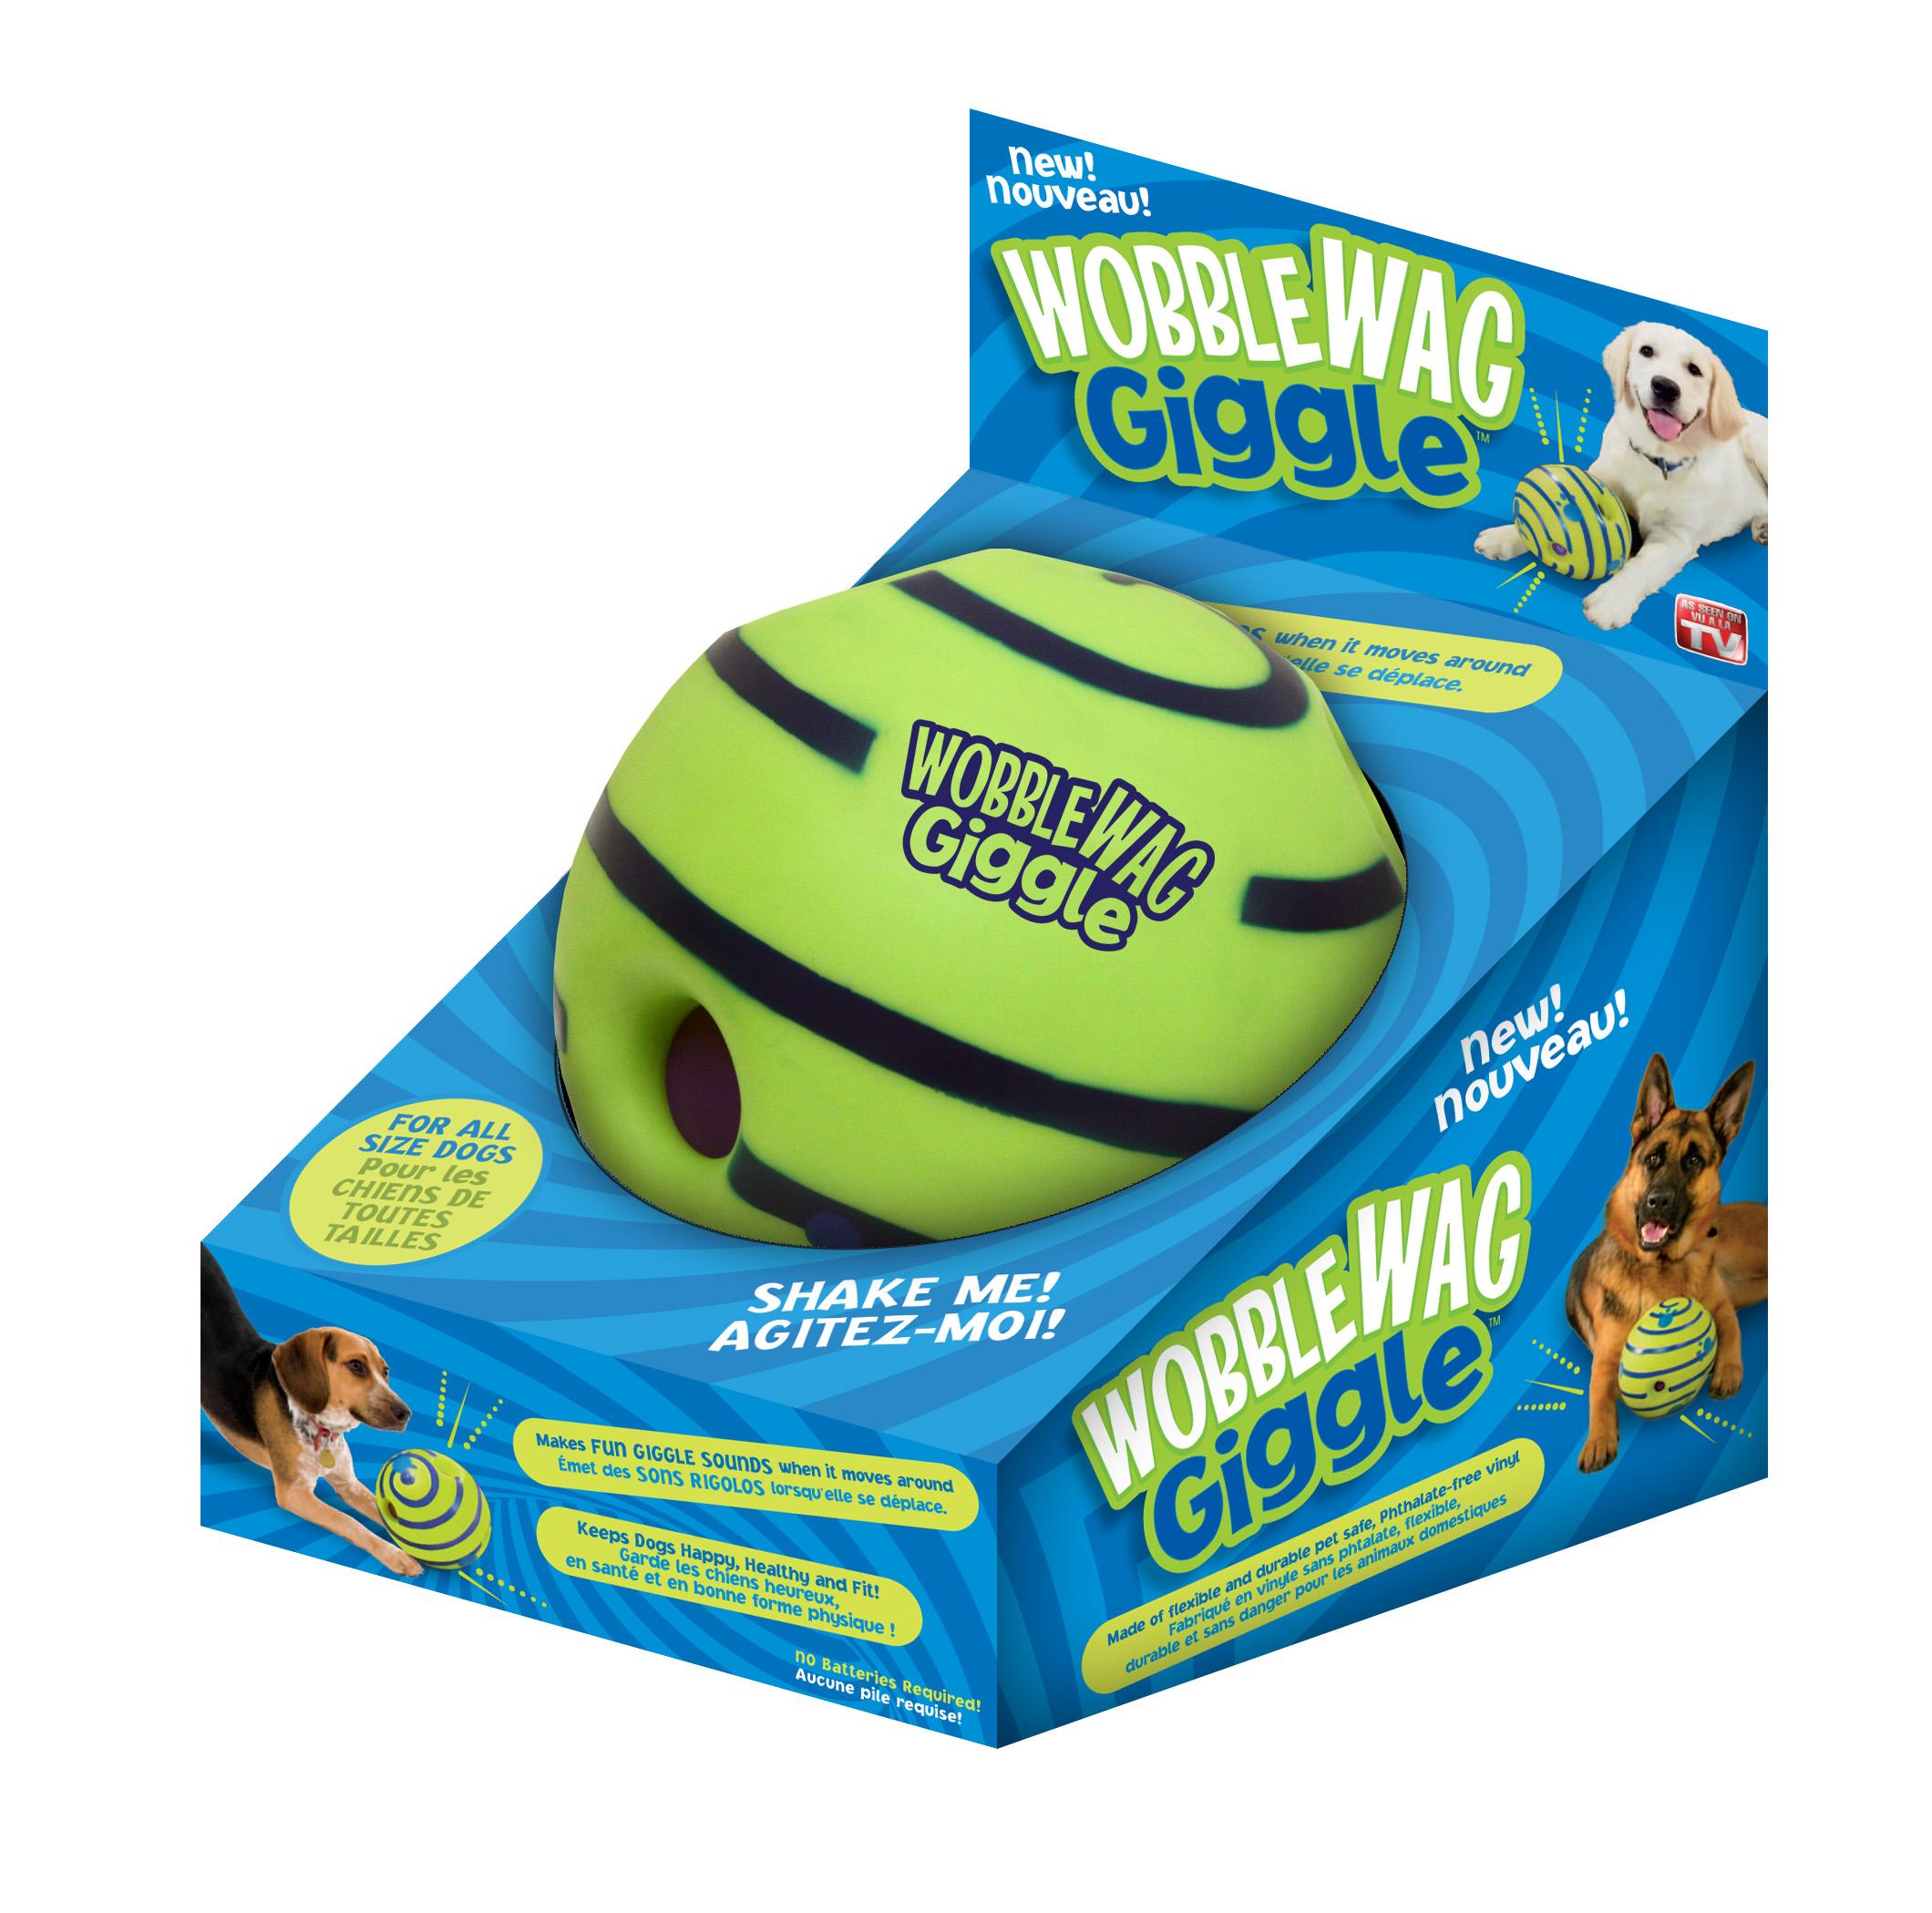 WobbleWagGiggle F-E 3D box.jpg